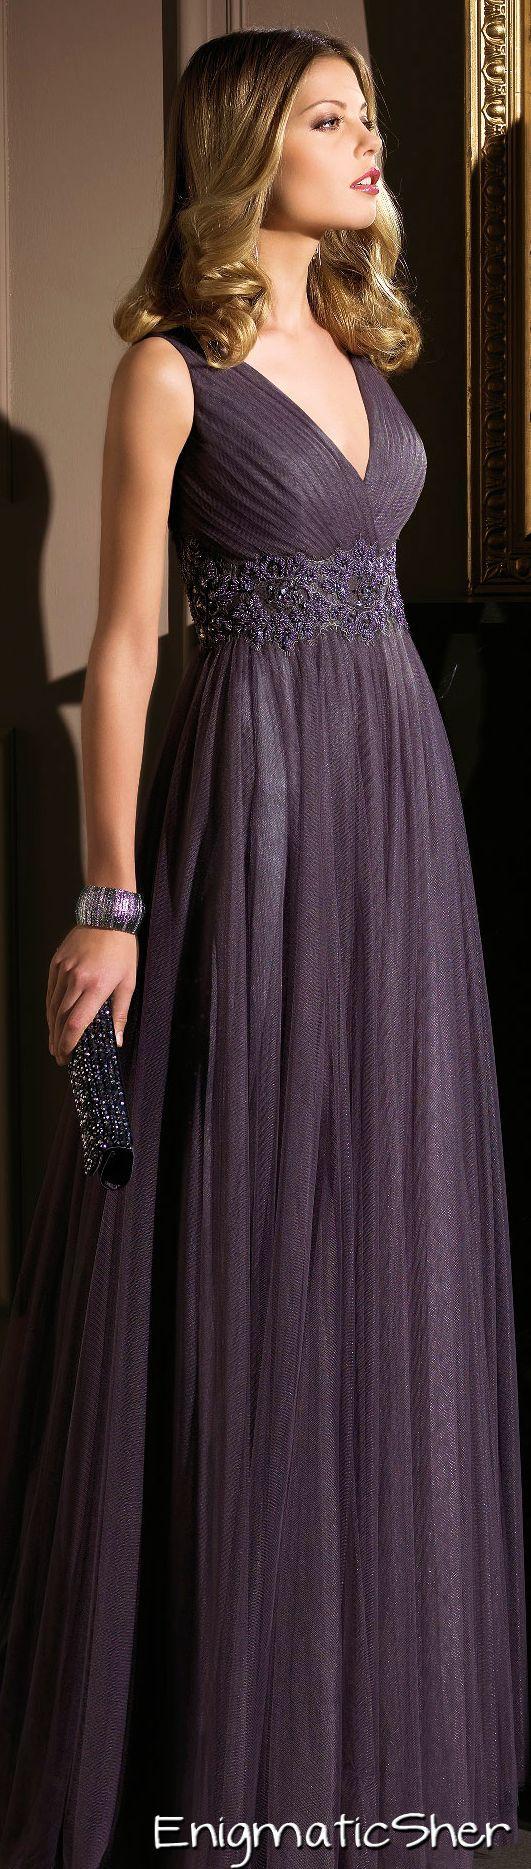 Vestidos noche | Vestido Cris | Pinterest | Noche, Vestiditos y ...